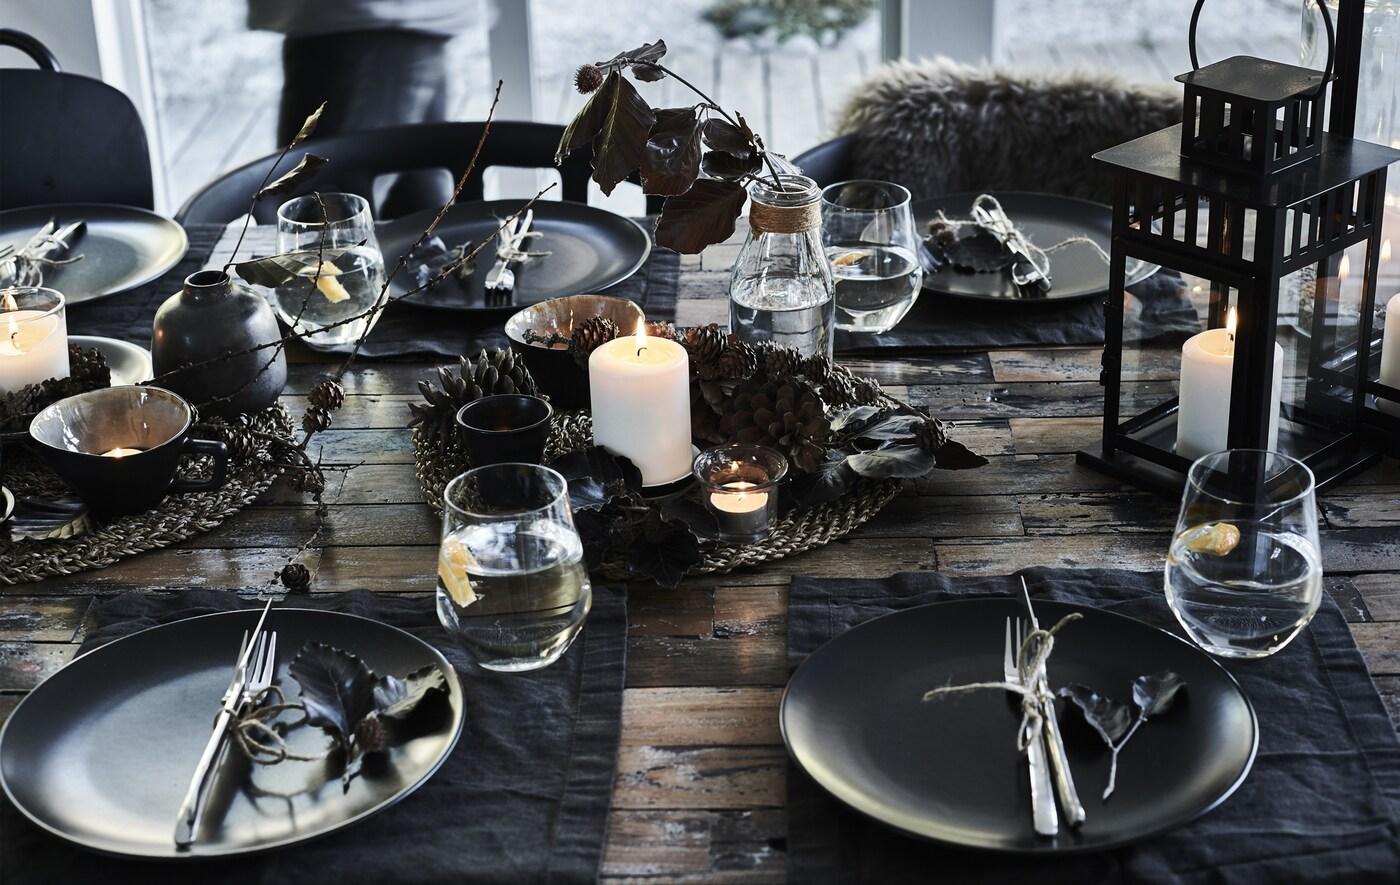 Сервировка стола с натуральными материалами и темной посудой.